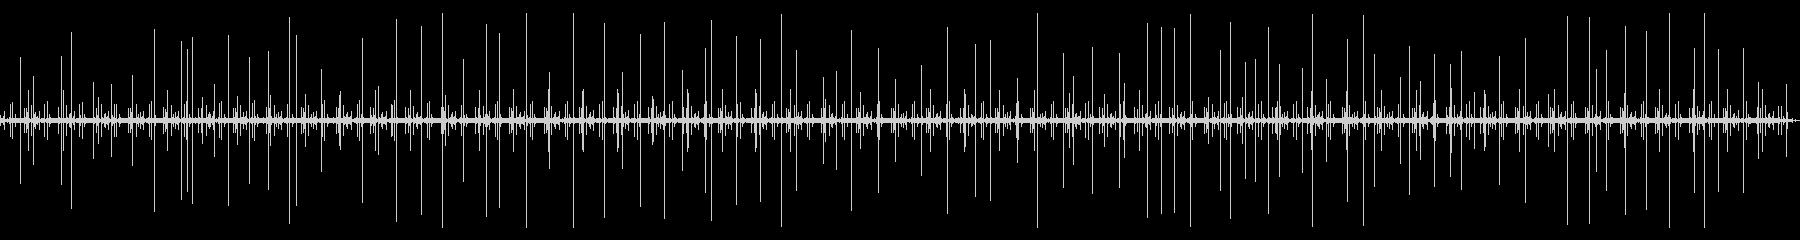 [生録音]レコード再生ノイズ03(3分)の未再生の波形